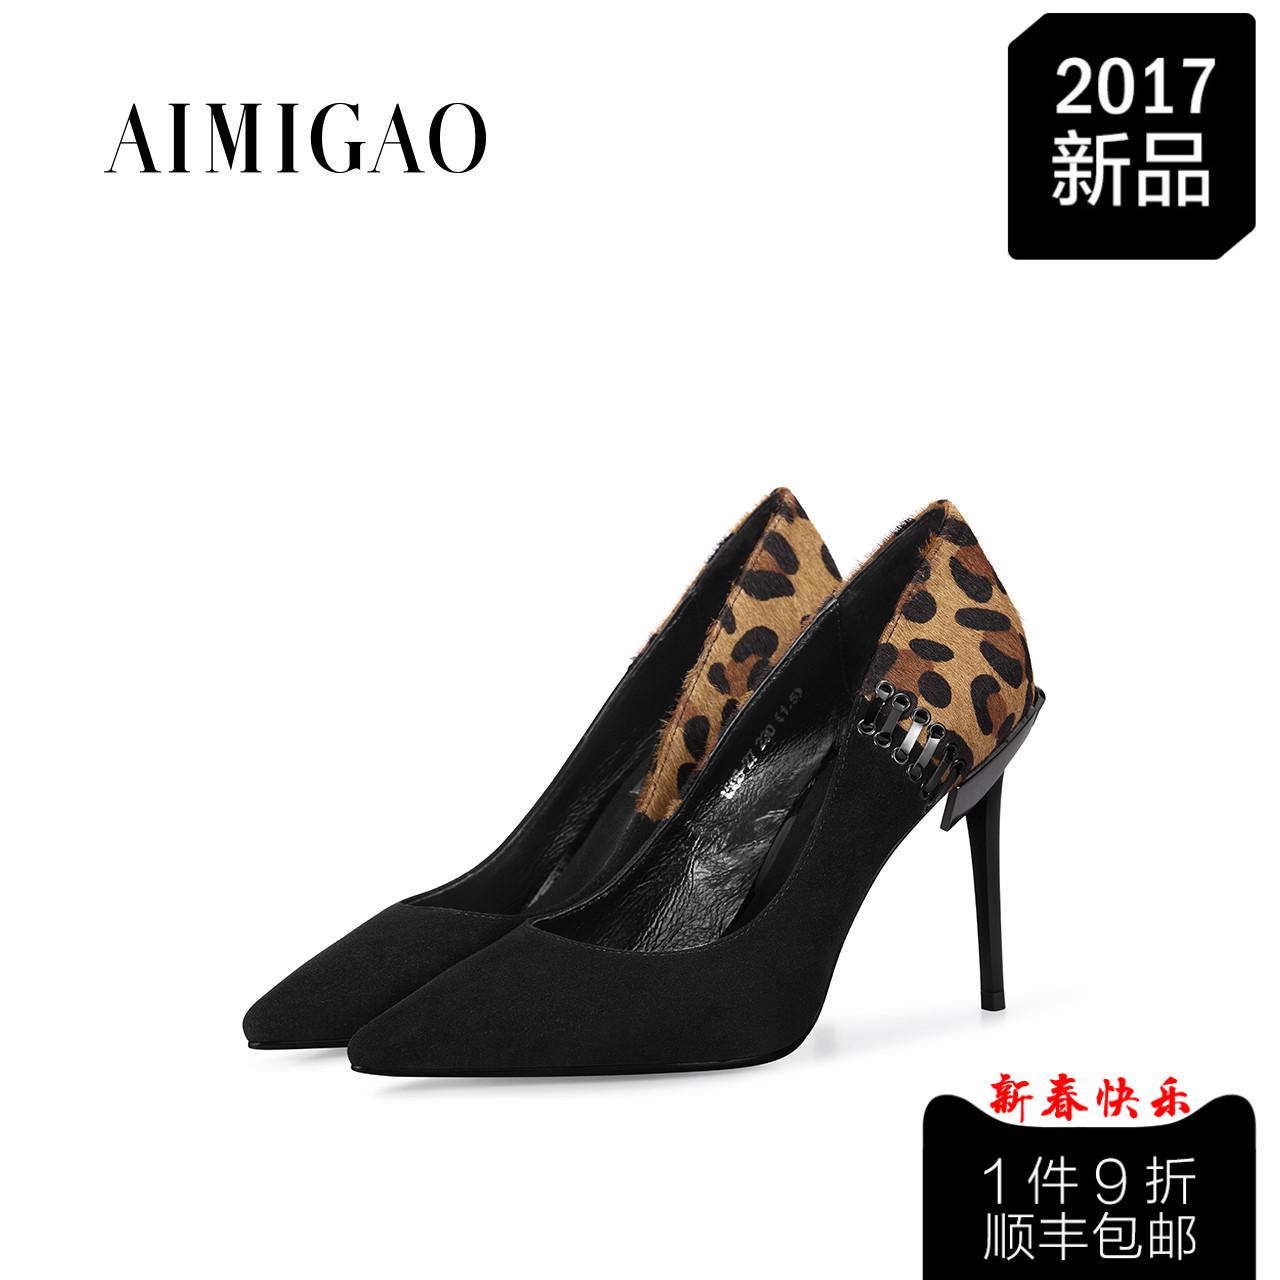 豹纹单鞋 AIMIGAO爱米高2017春季新款 豹纹高跟鞋女尖头浅口金属片细跟单鞋_推荐淘宝好看的豹纹单鞋